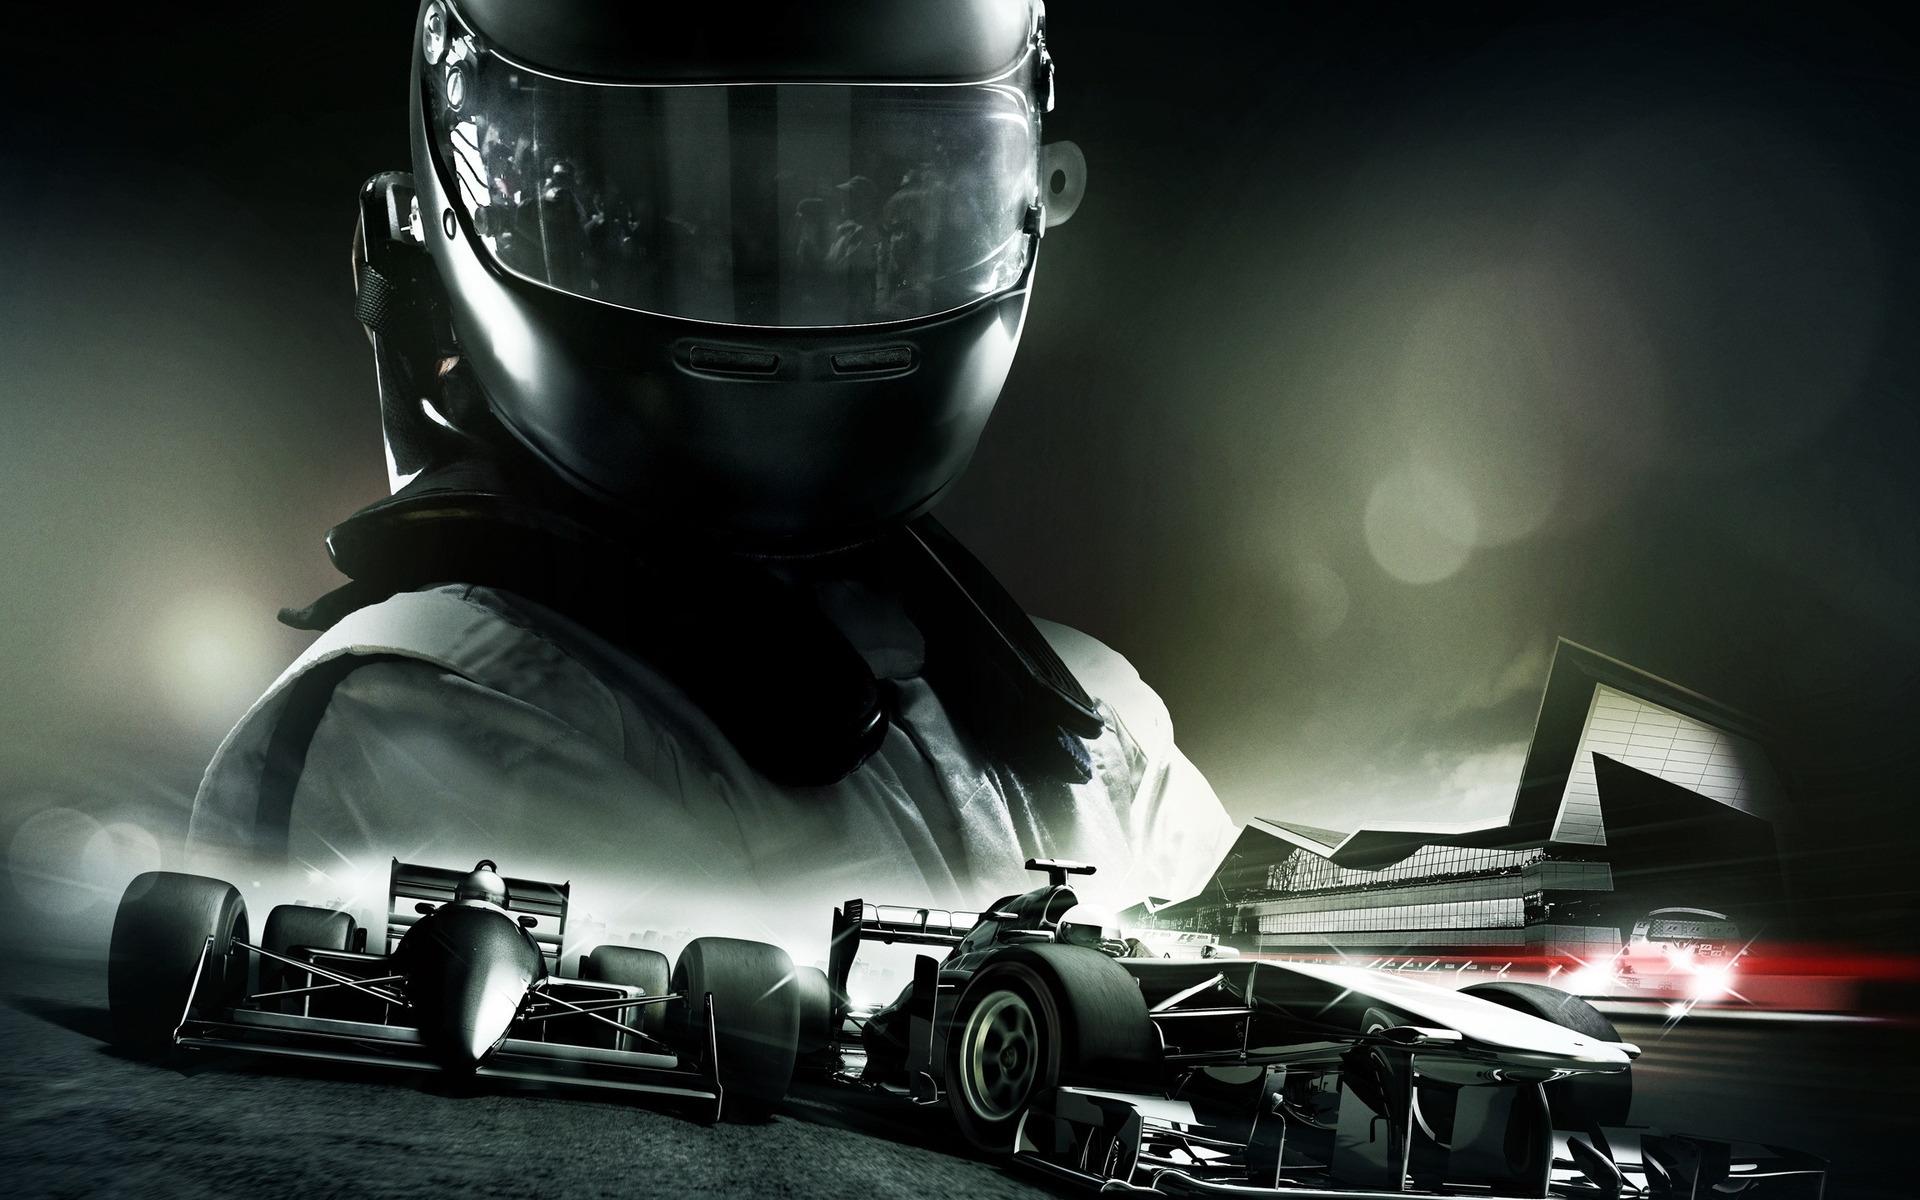 F1 2015 Wallpaper Wallpapersafari